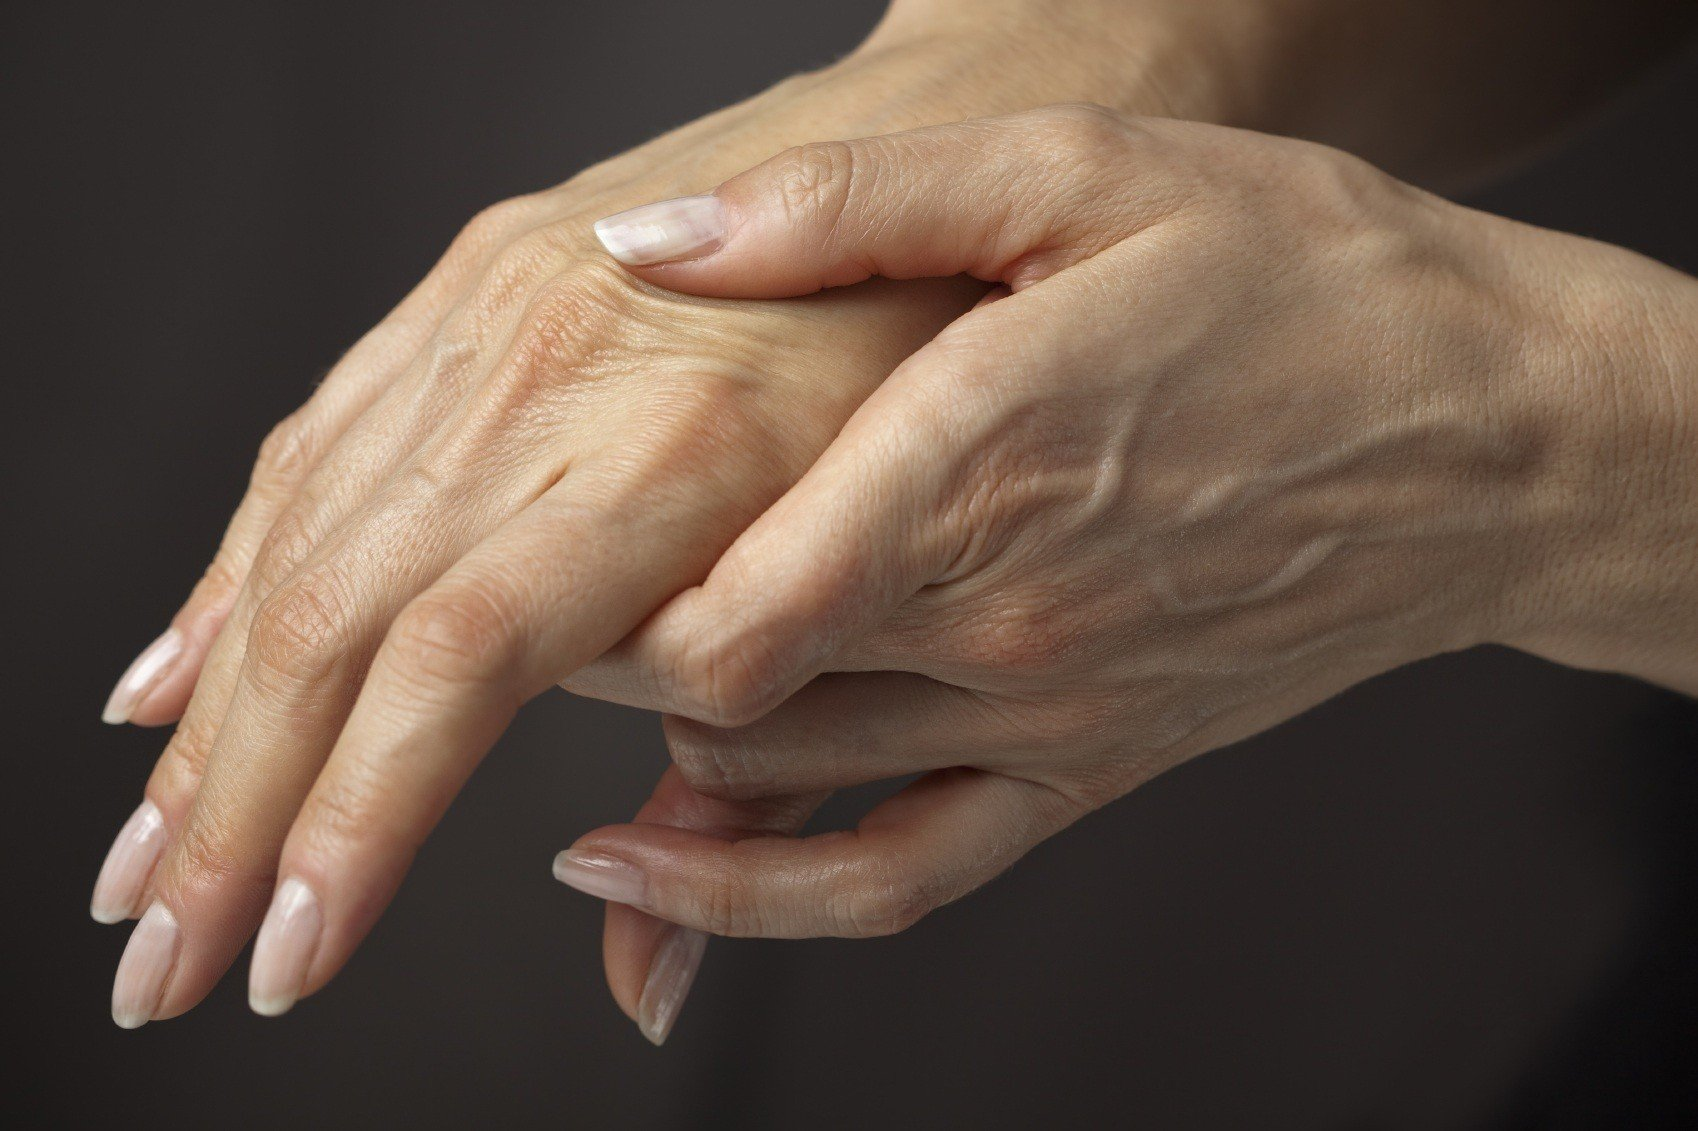 Одновременно заболели суставы мезинцев обеих рук водочный компресс при разрыве связок коленного сустава